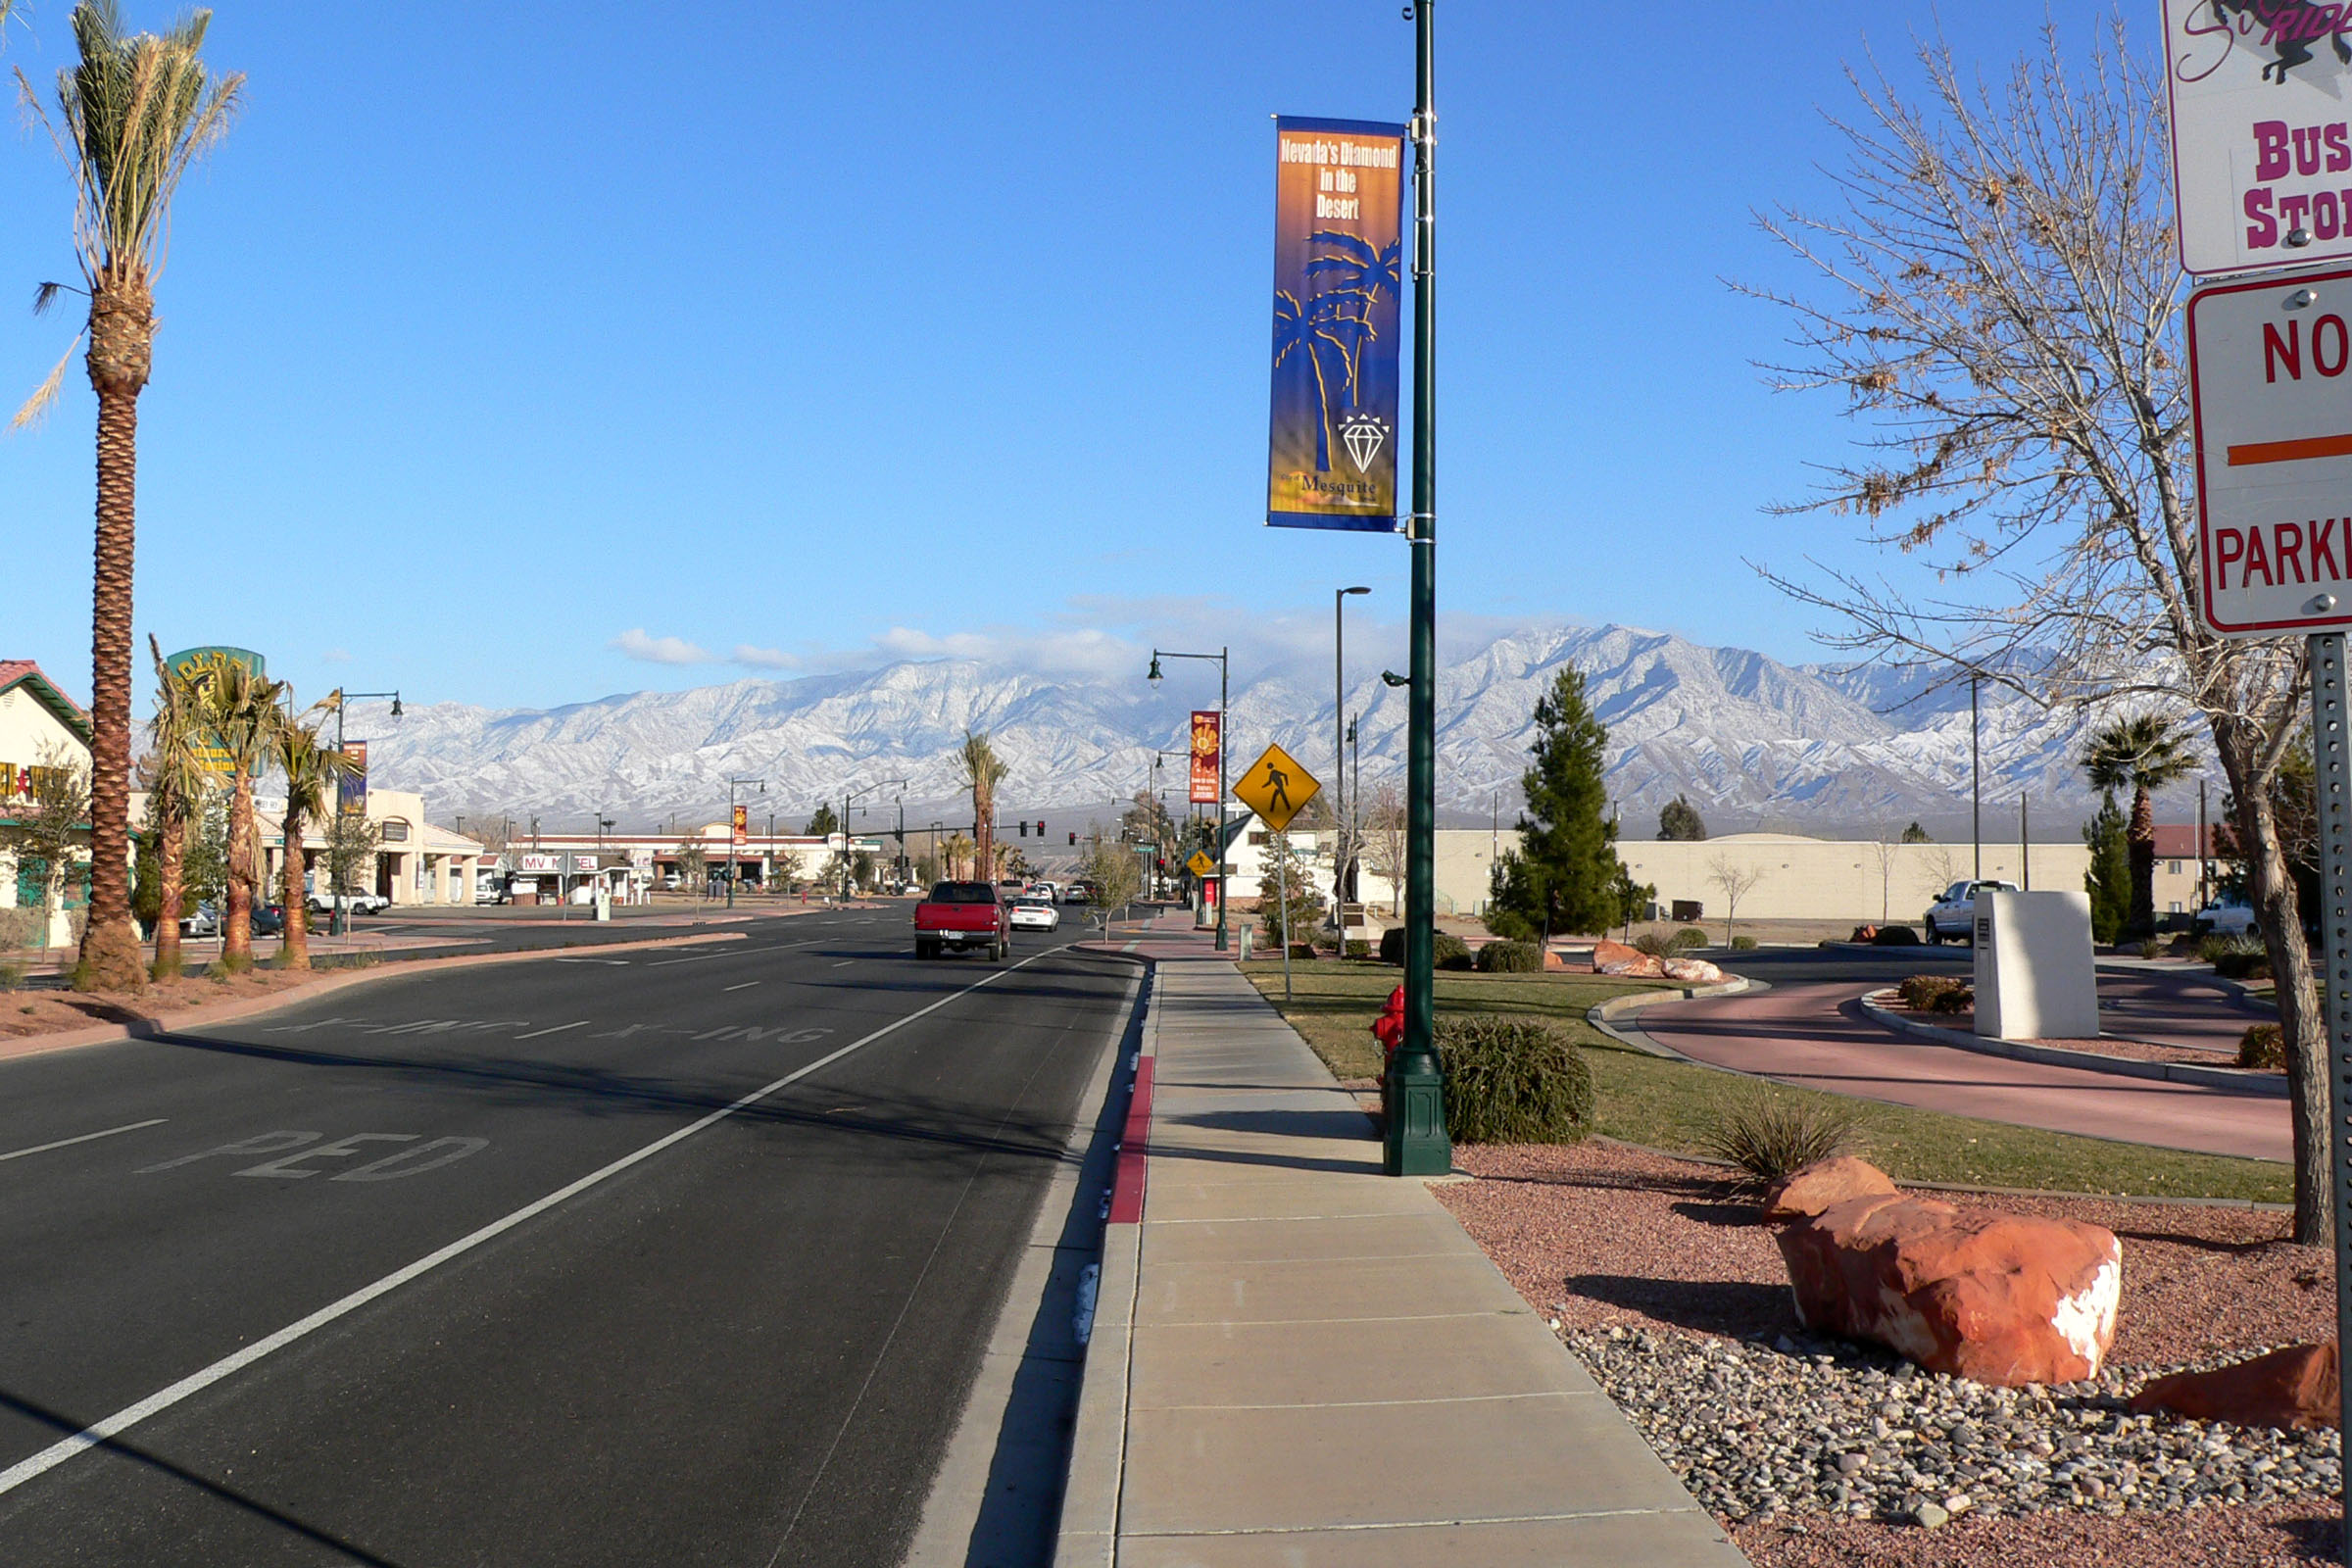 Mesquite_Nevada_2.jpg